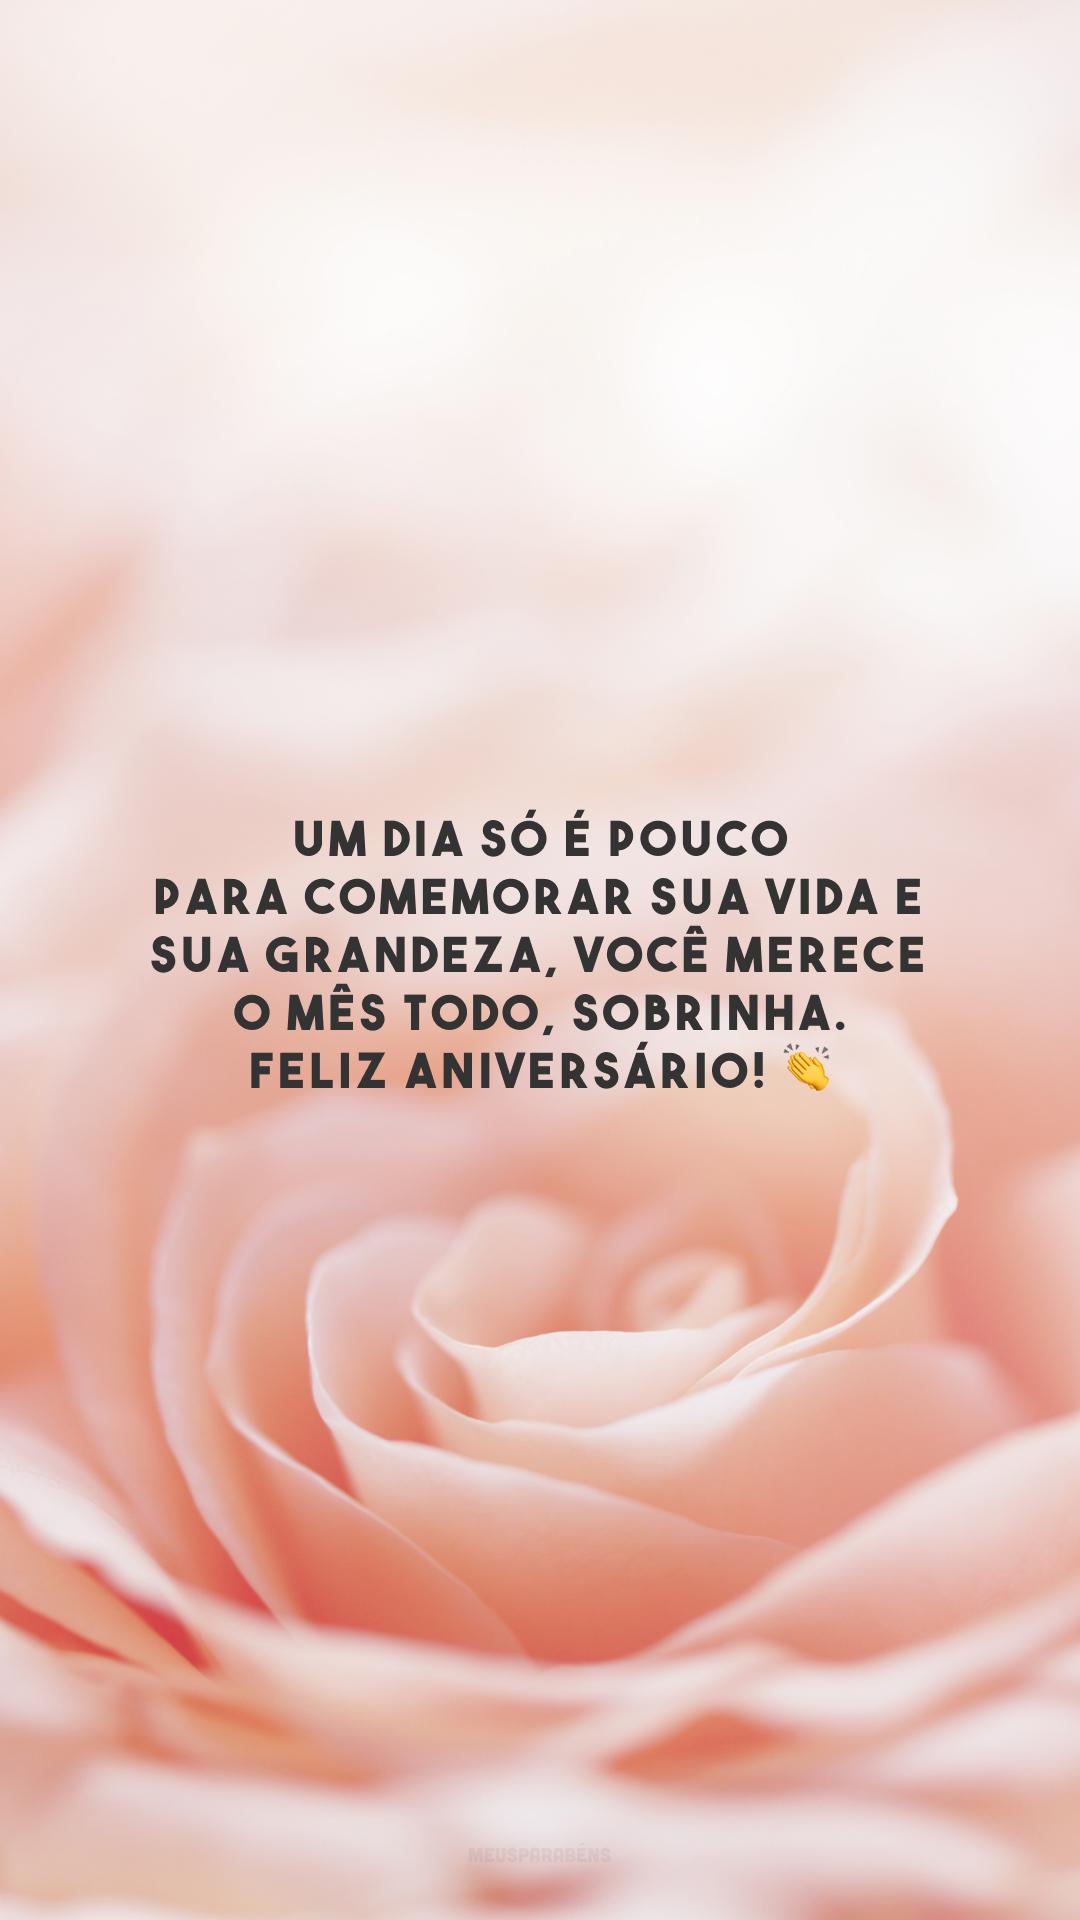 Um dia só é pouco para comemorar sua vida e sua grandeza, você merece o mês todo, sobrinha. Feliz aniversário! 👏